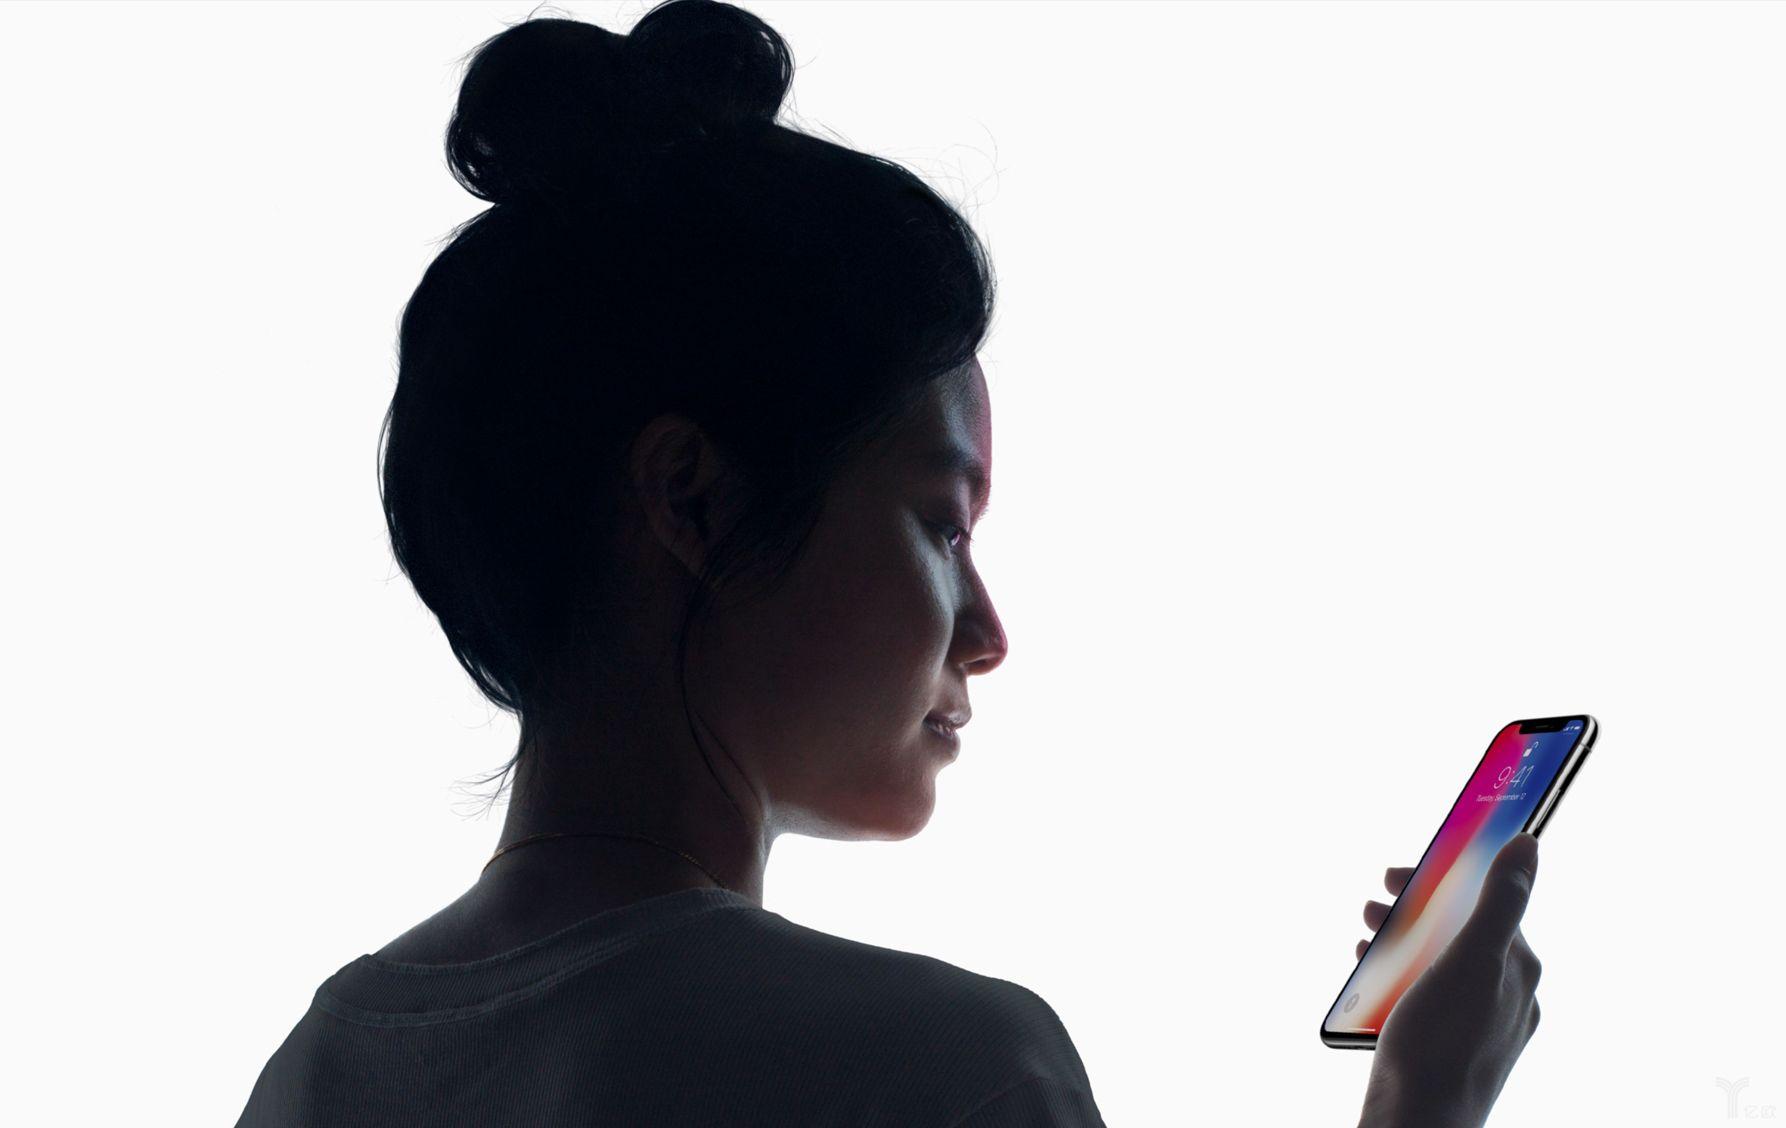 iPhone X将支持两张脸解锁 iPad将支持Face ID